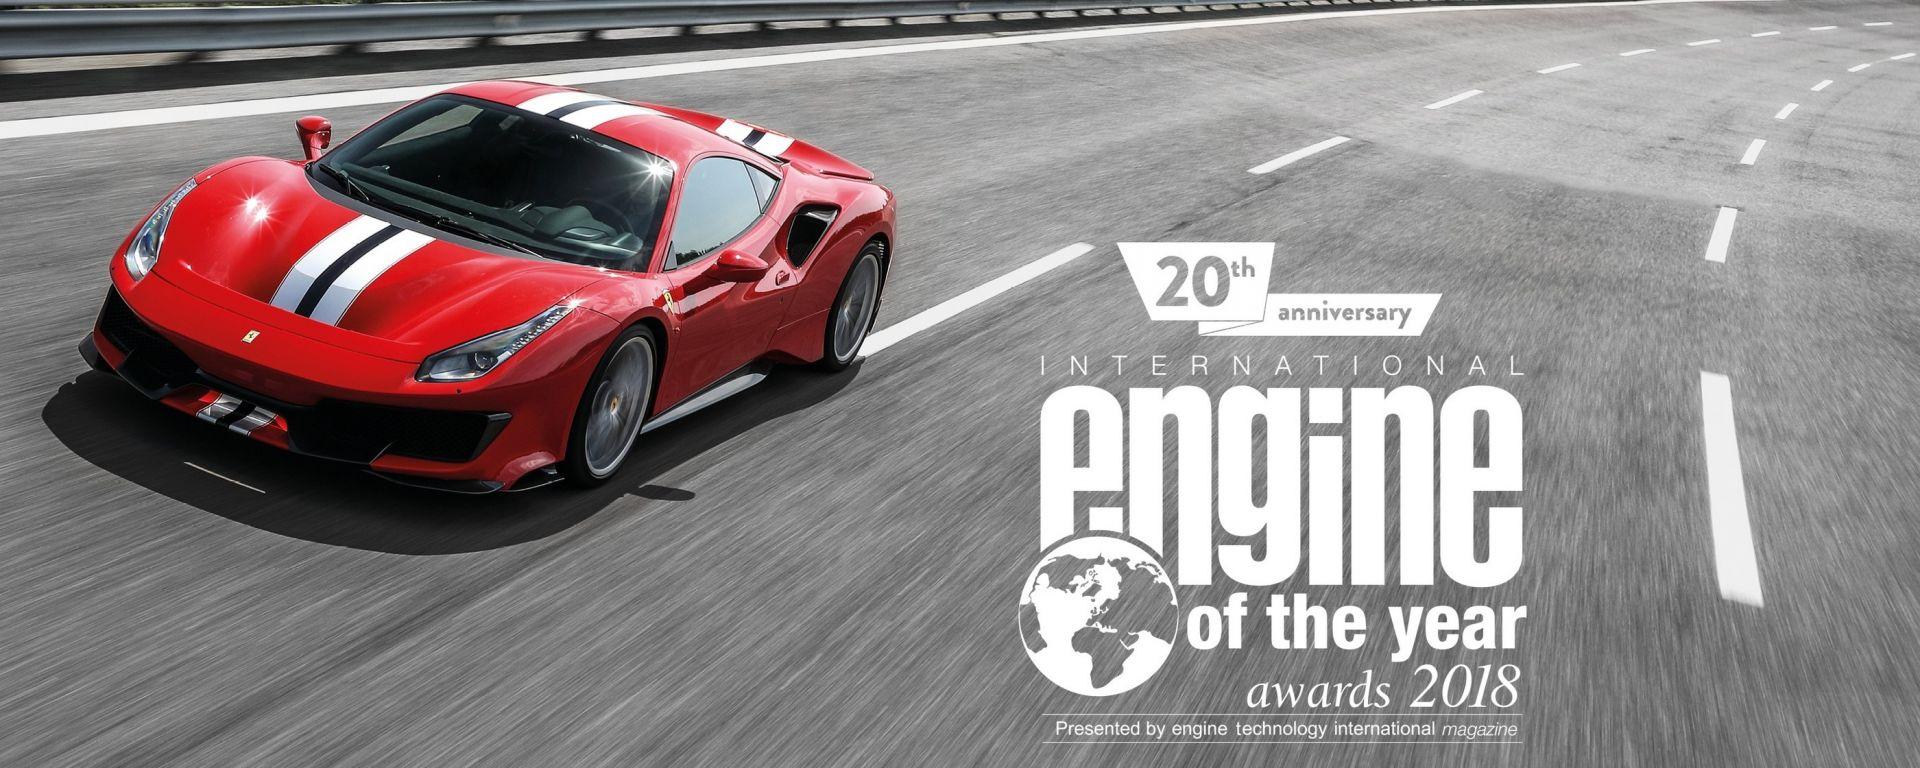 Ferrari V8 turbo: miglior motore al mondo per il terzo anno di fila